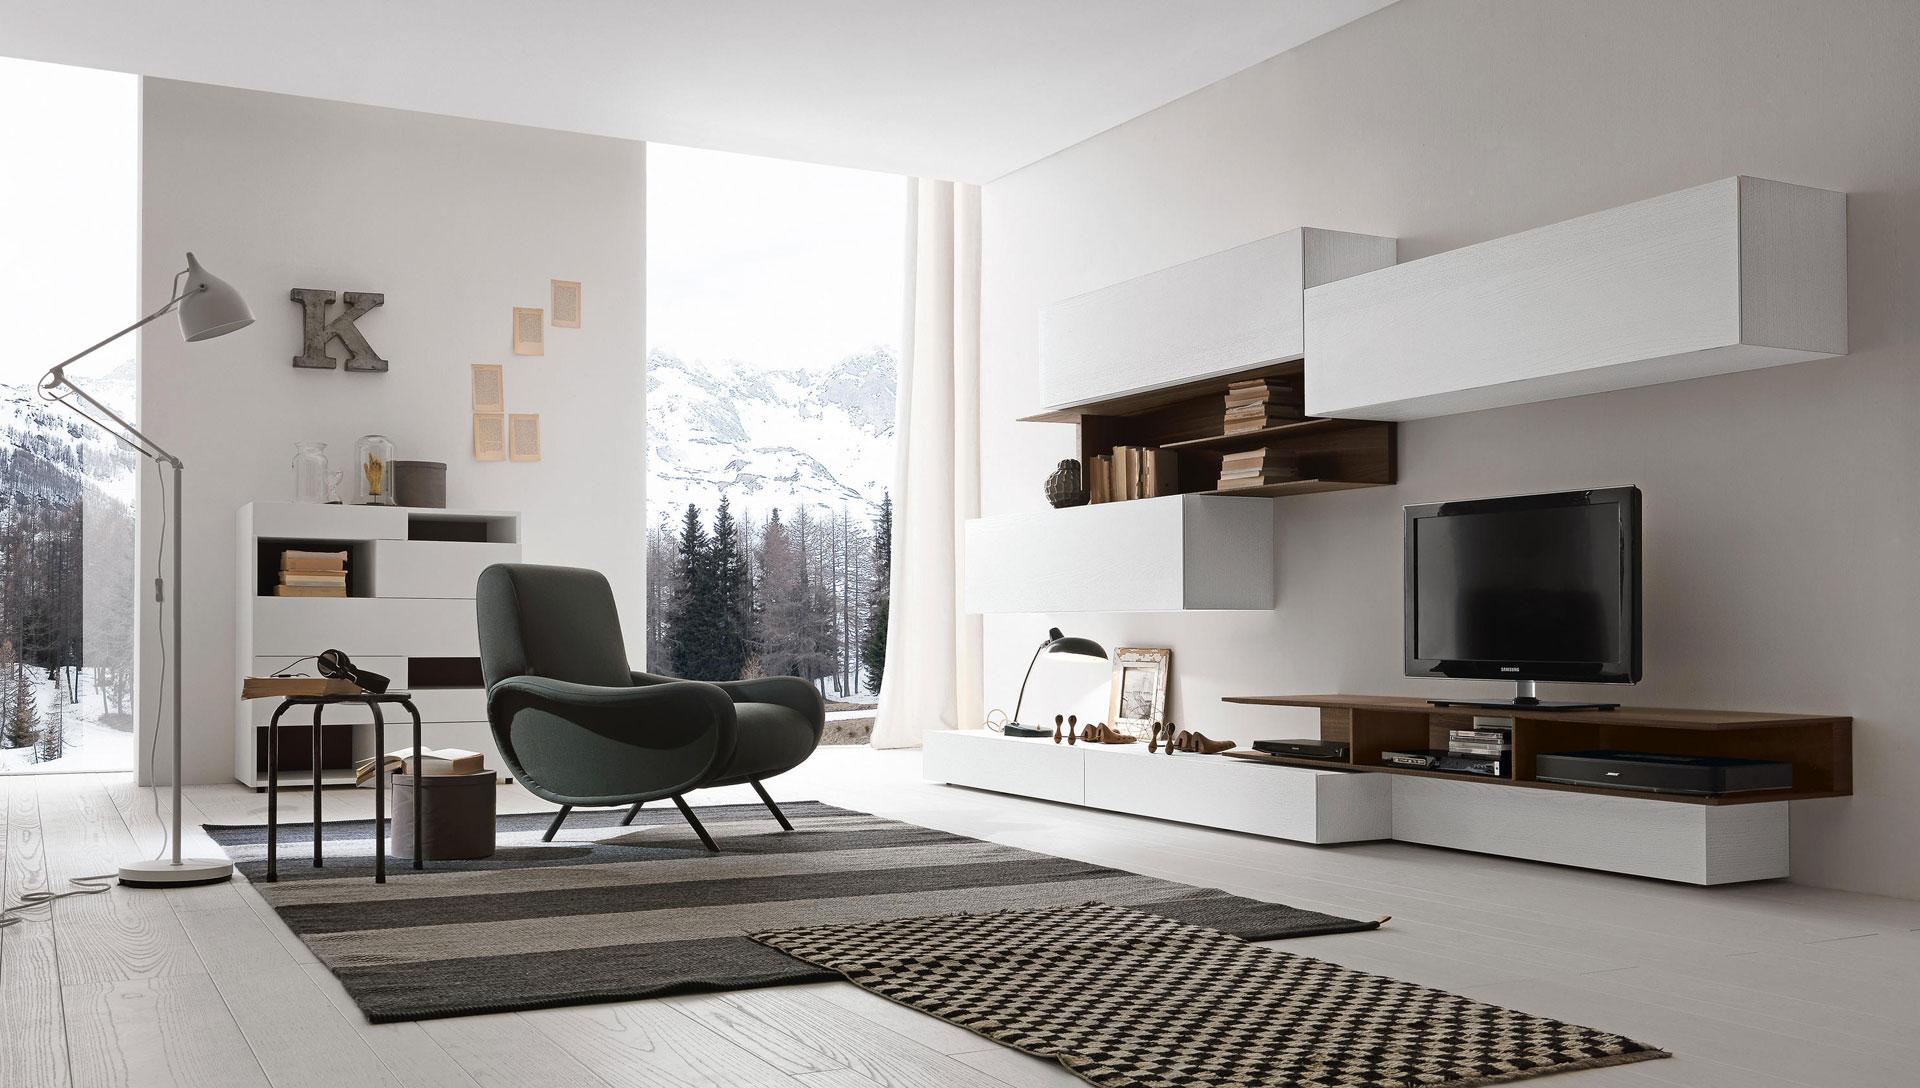 complementi-arredo-presotto-2-comodus-arredamenti-nicoletti-interni-interior-design-divani-complementi-arredo-mobili-design-accessori-matera